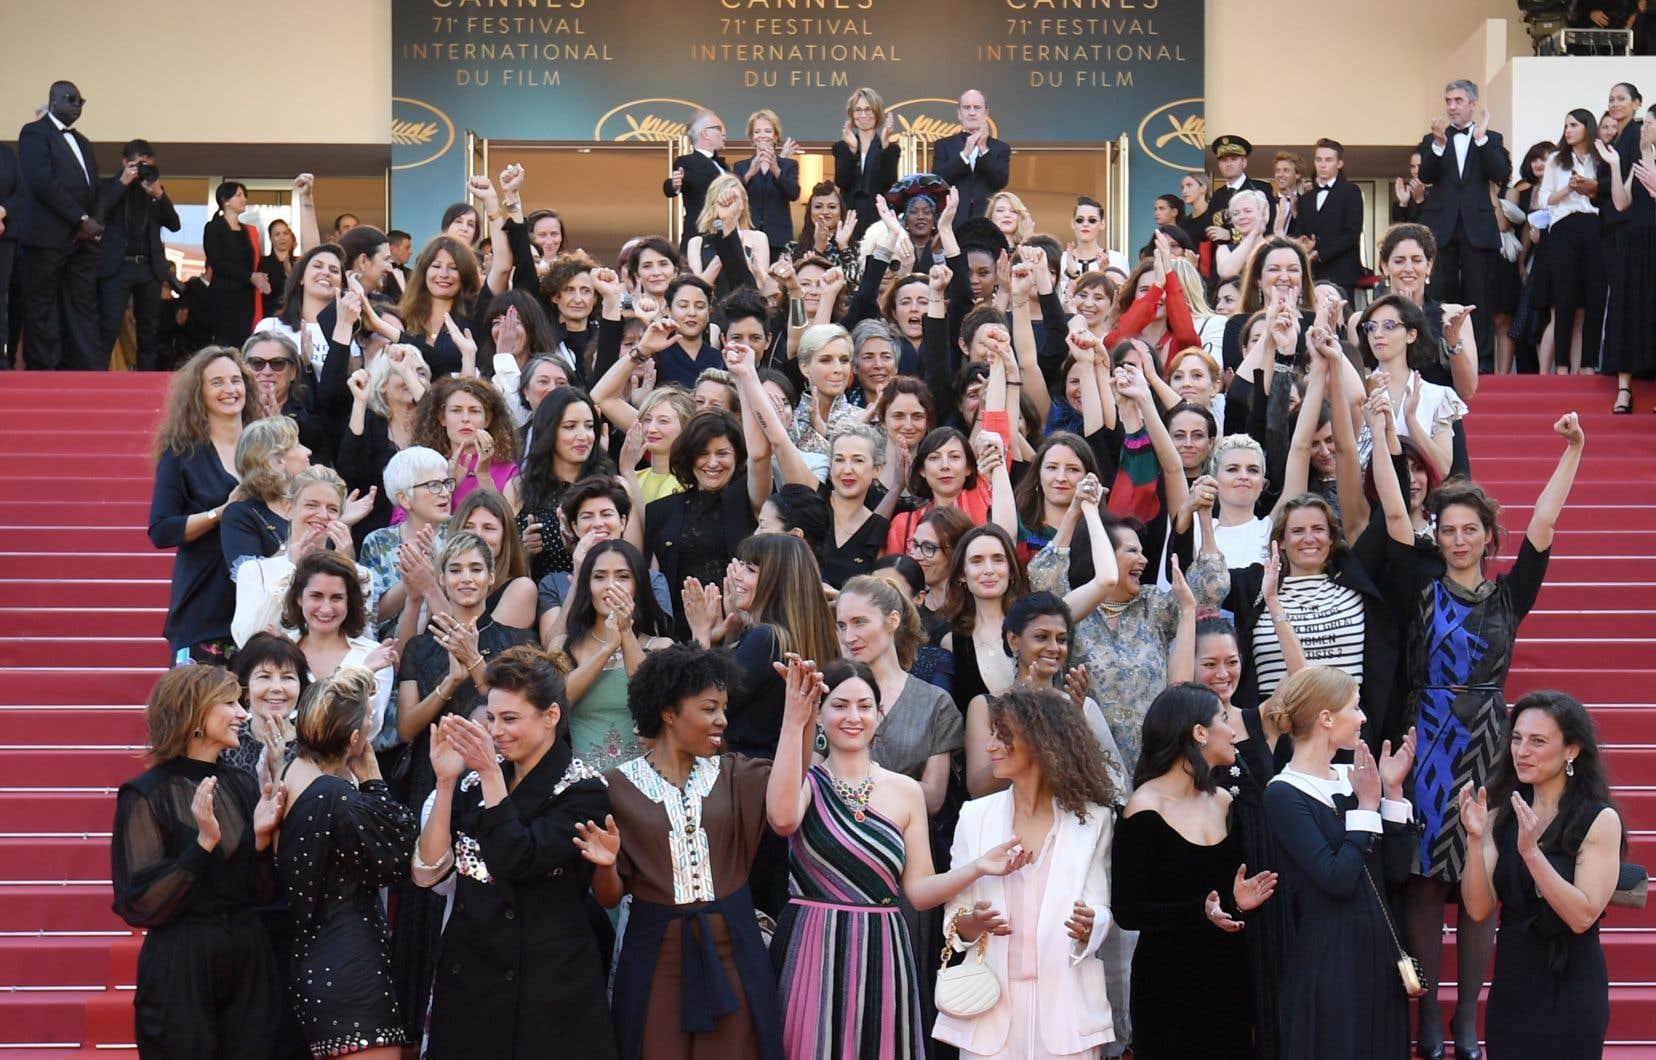 Le Festival de Cannes s'engage notamment à «rendre transparente la liste des membres des comités de sélection et programmateurs» pour «écarter toute suspicion de manque de diversité et de parité.»